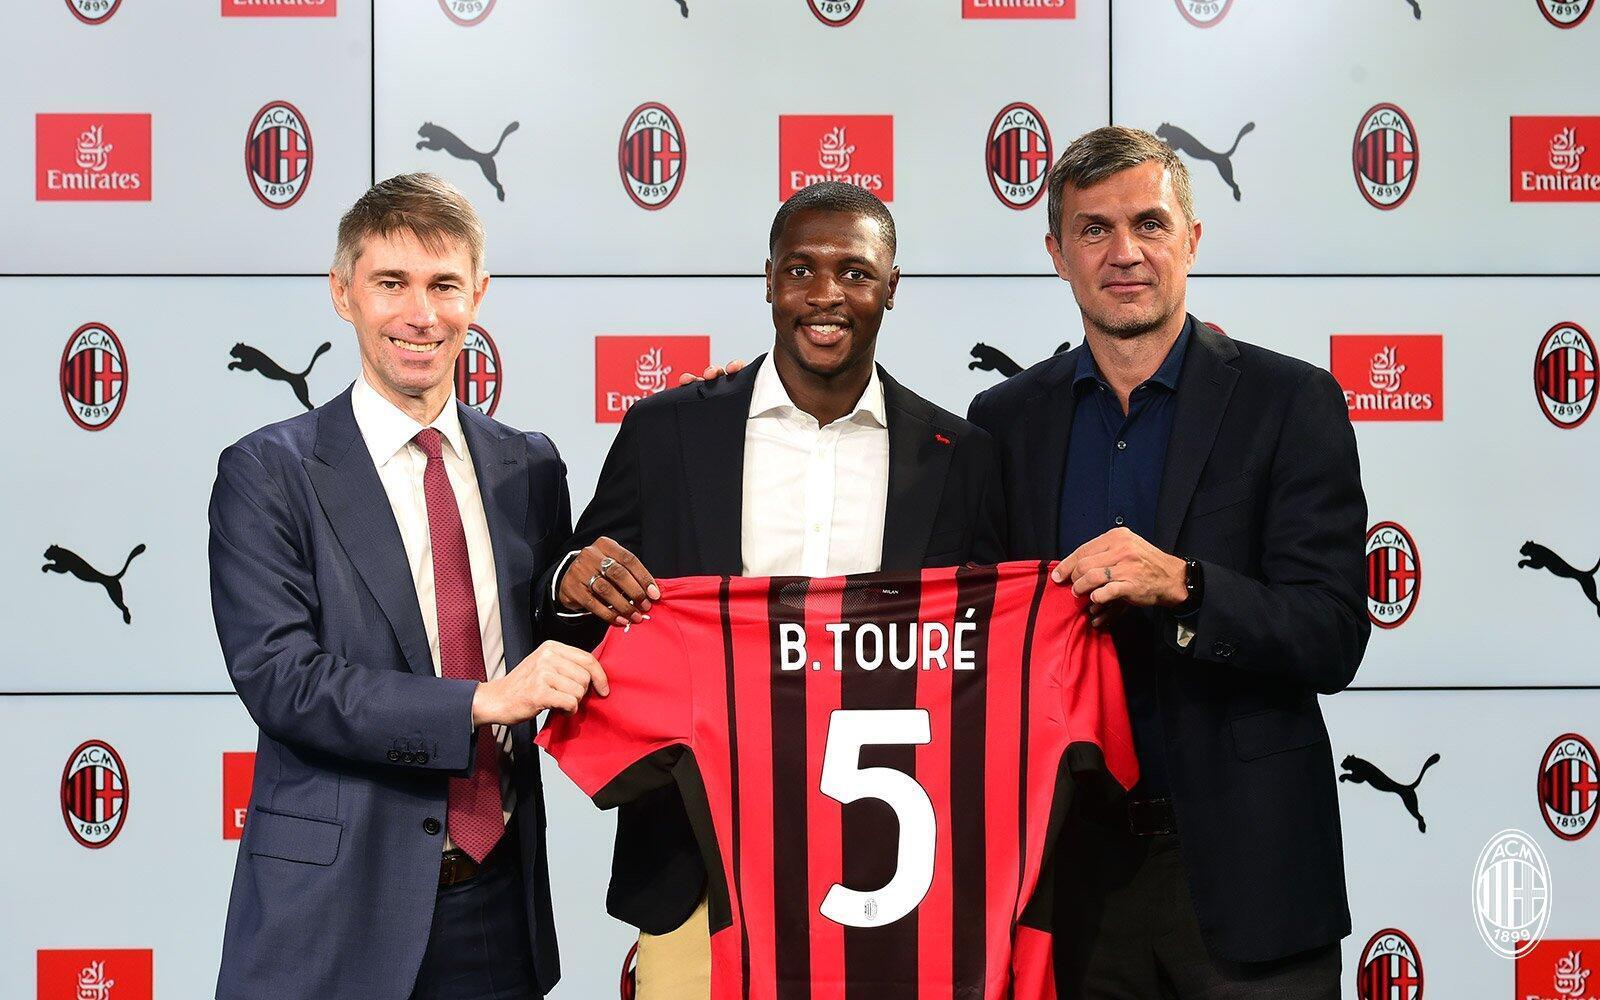 Le latéral gauche sénégalais Fodé Ballo-Touré a signé un contrat de quatre ans avec l'AC Milan, ce dimanche 18 juillet 2021.